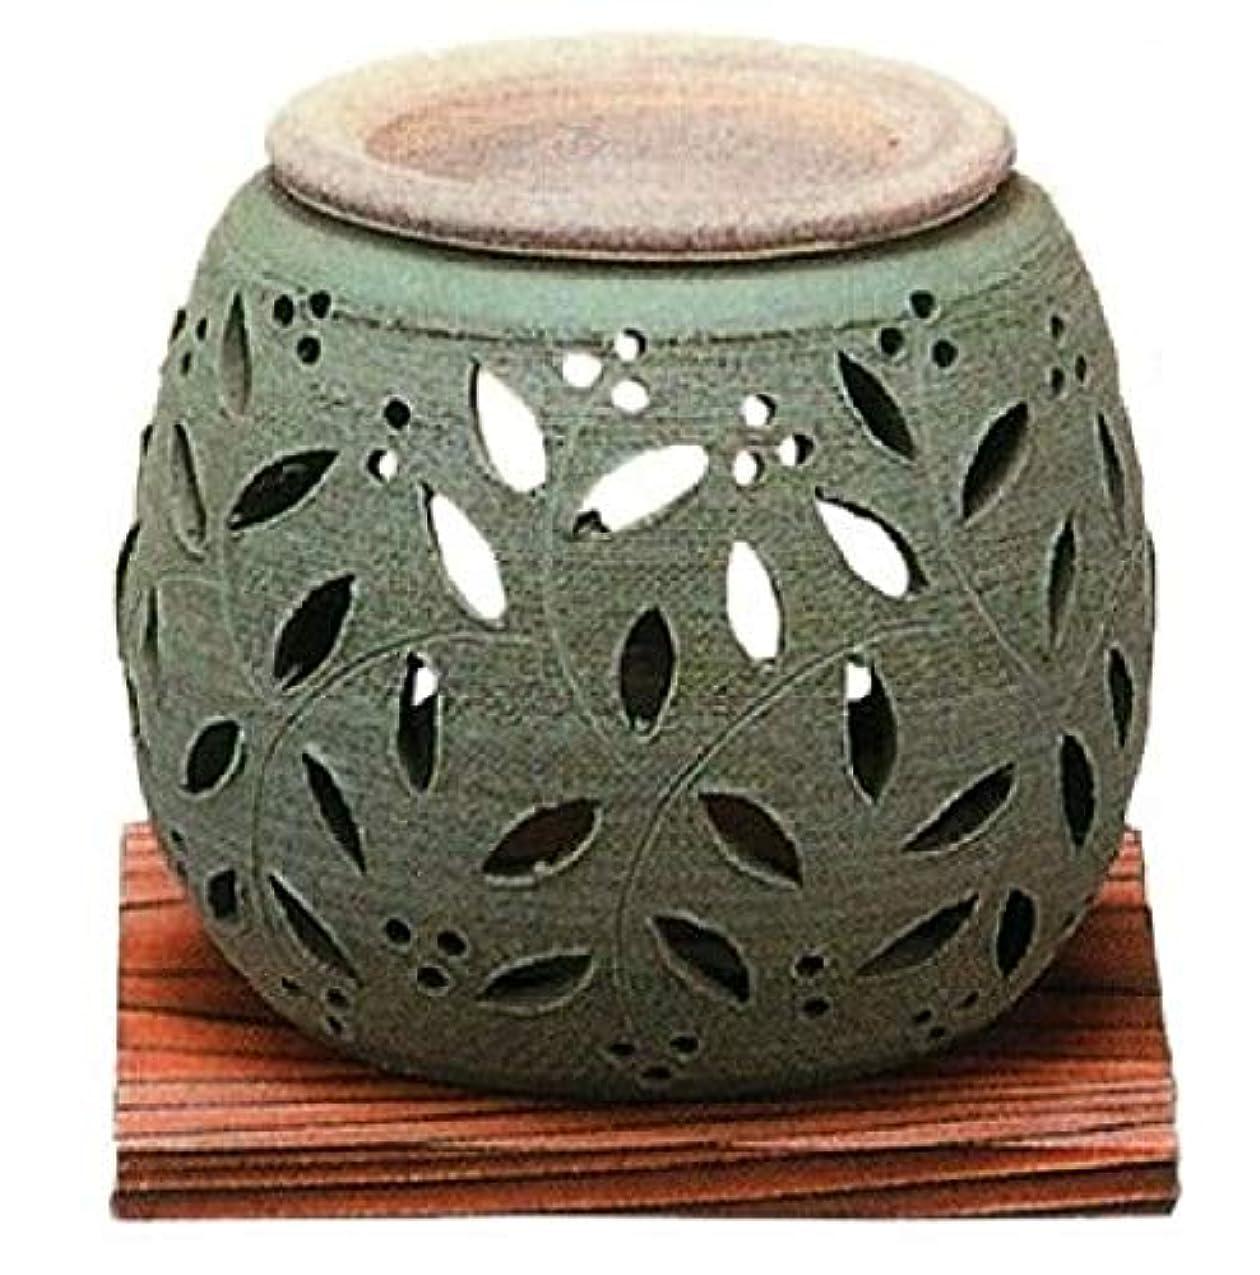 常滑焼?石龍窯 カ38-06 茶香炉 ダテ花 焼杉板付 径10×10cm